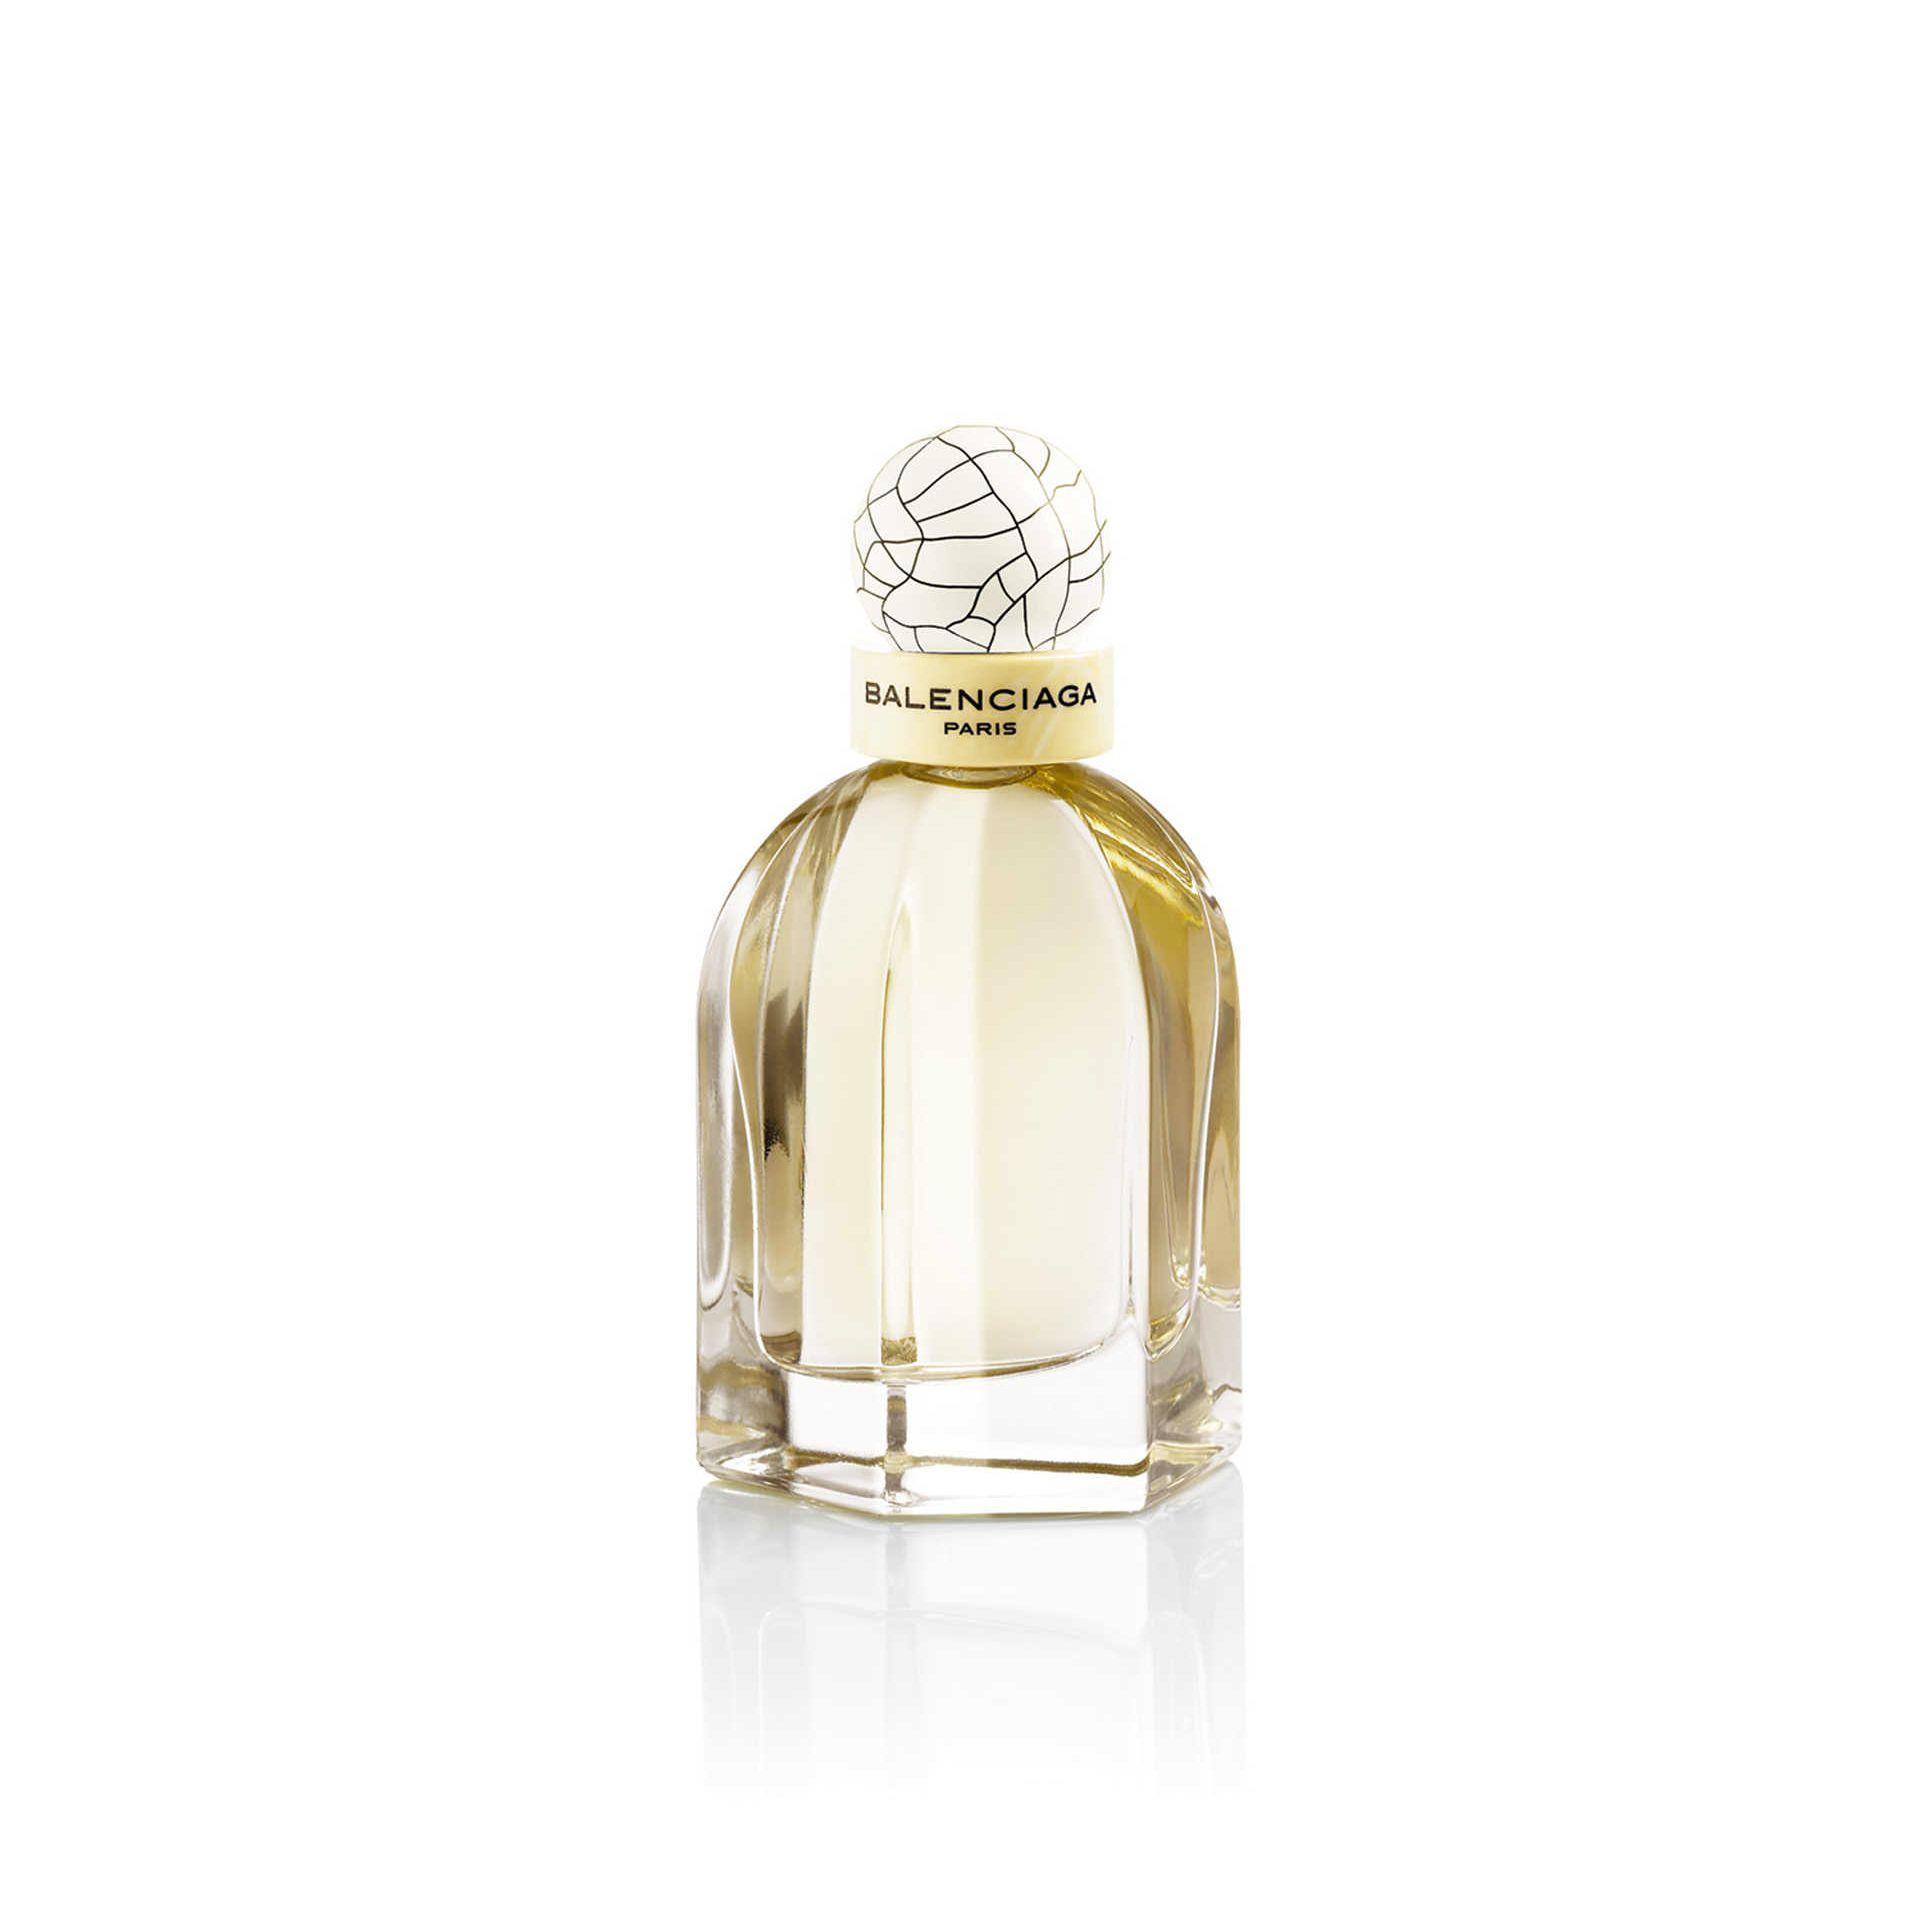 BALENCIAGA Balenciaga Paris Eau De Parfum 50Ml Balenciaga Paris Fragrance D f